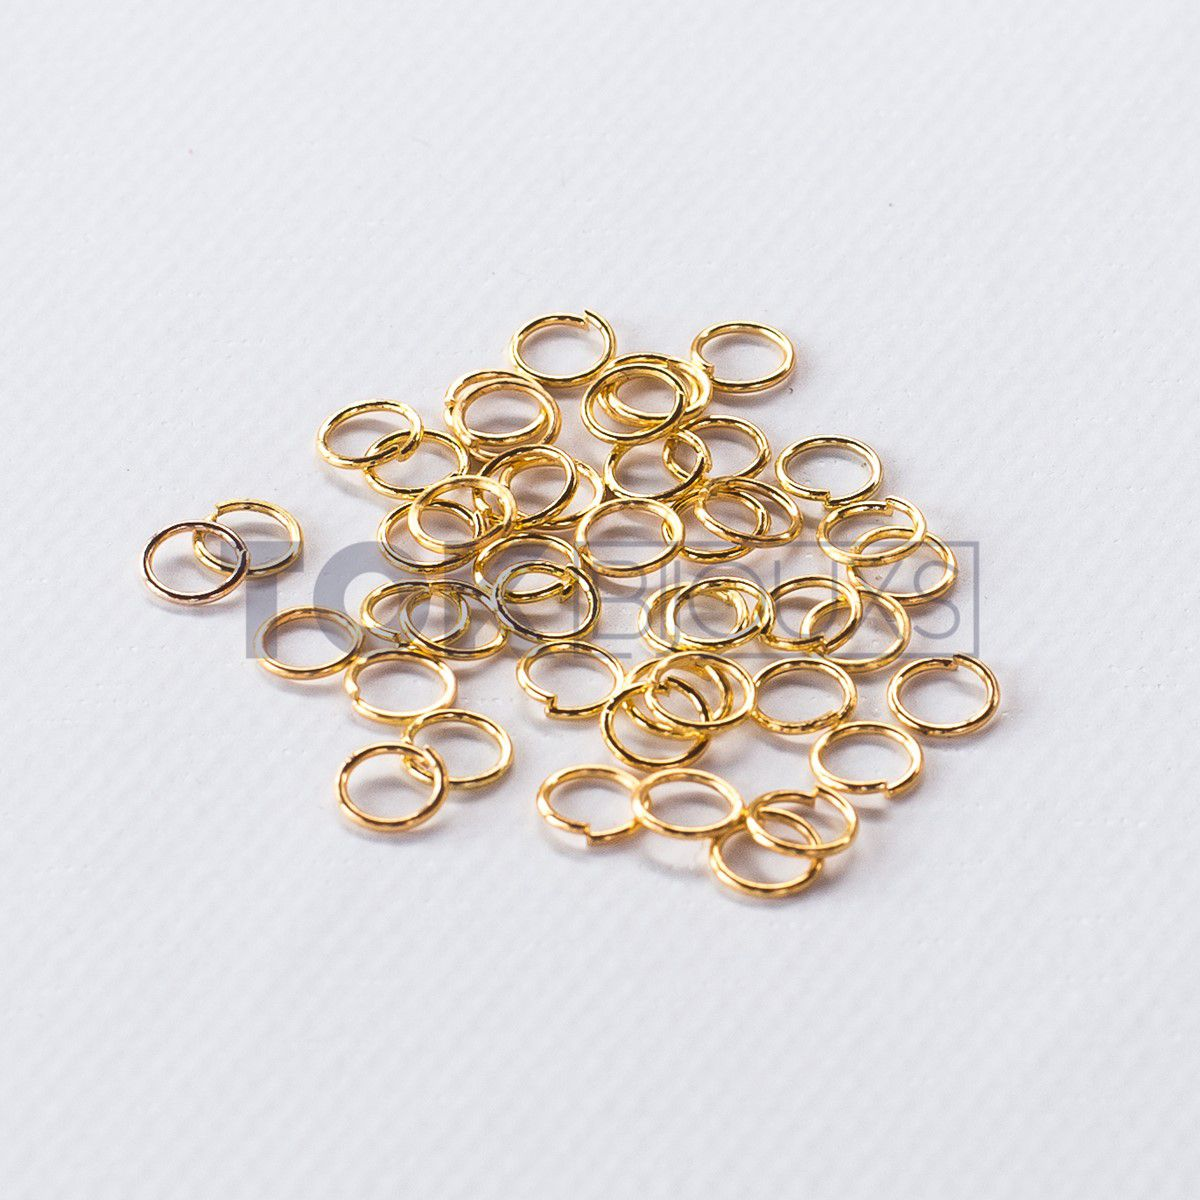 Argola De Ferro 10mm - Dourada - 500g